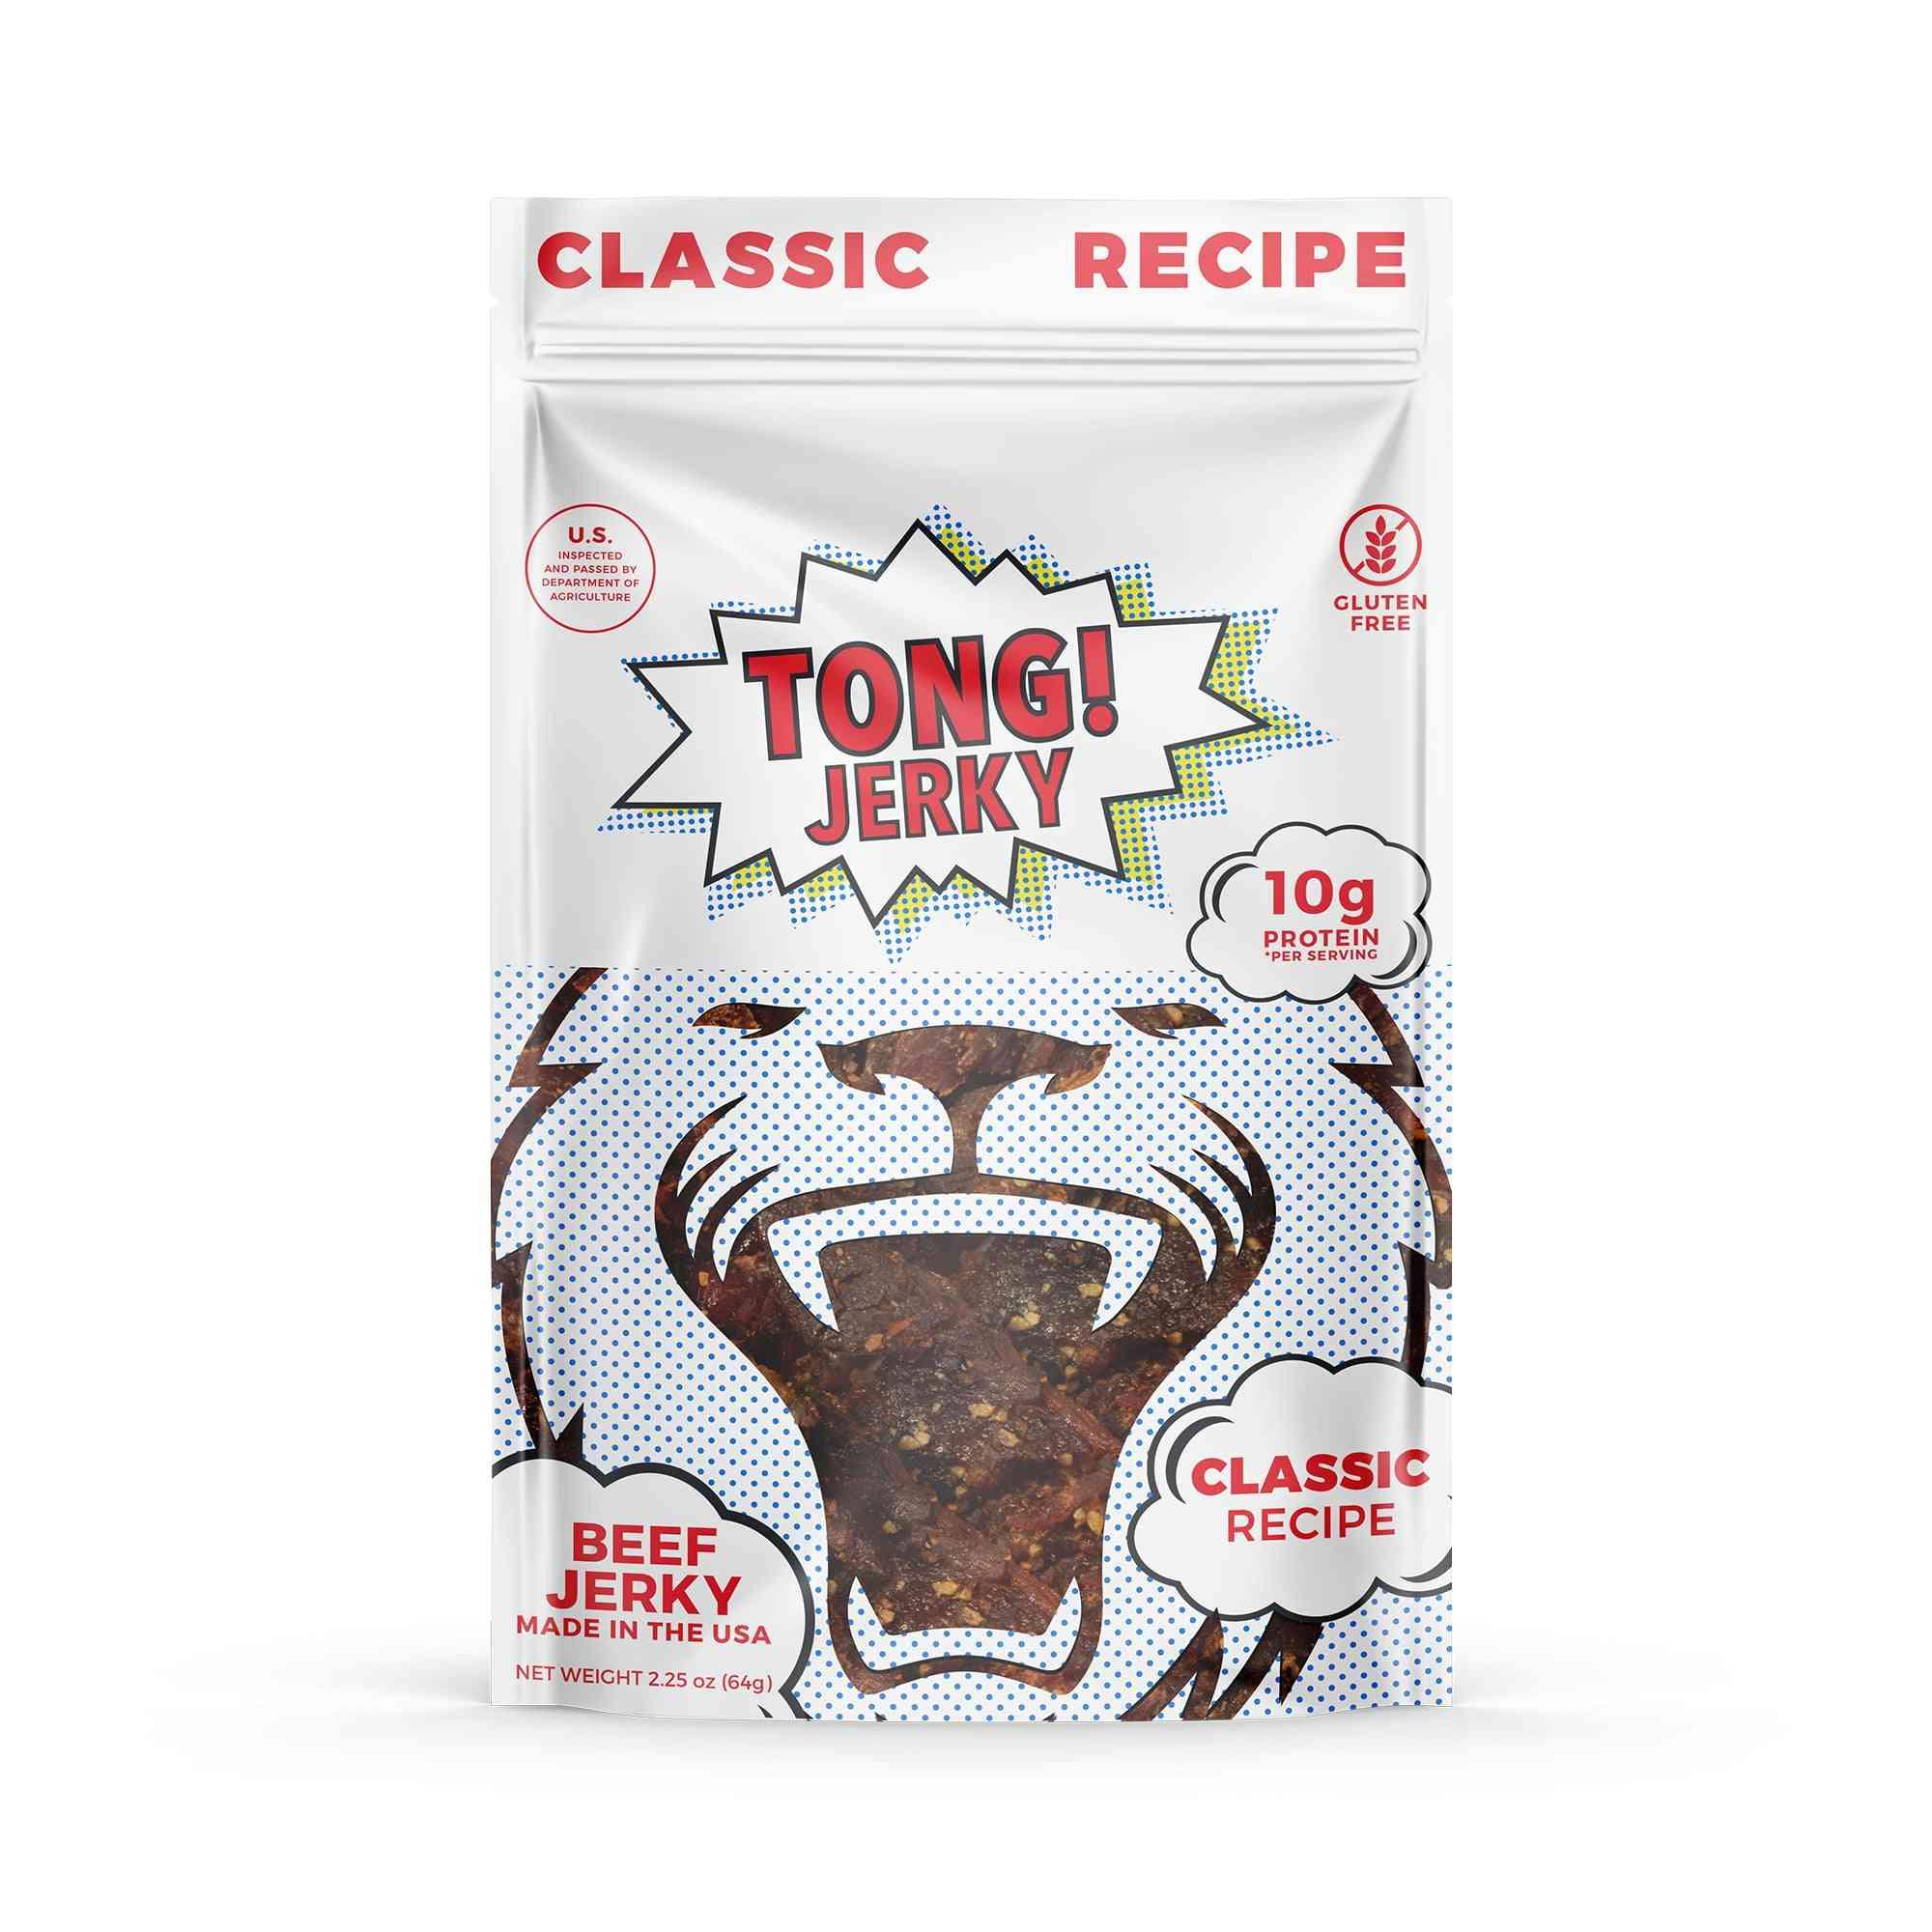 Tong Jerky Classic Recipe